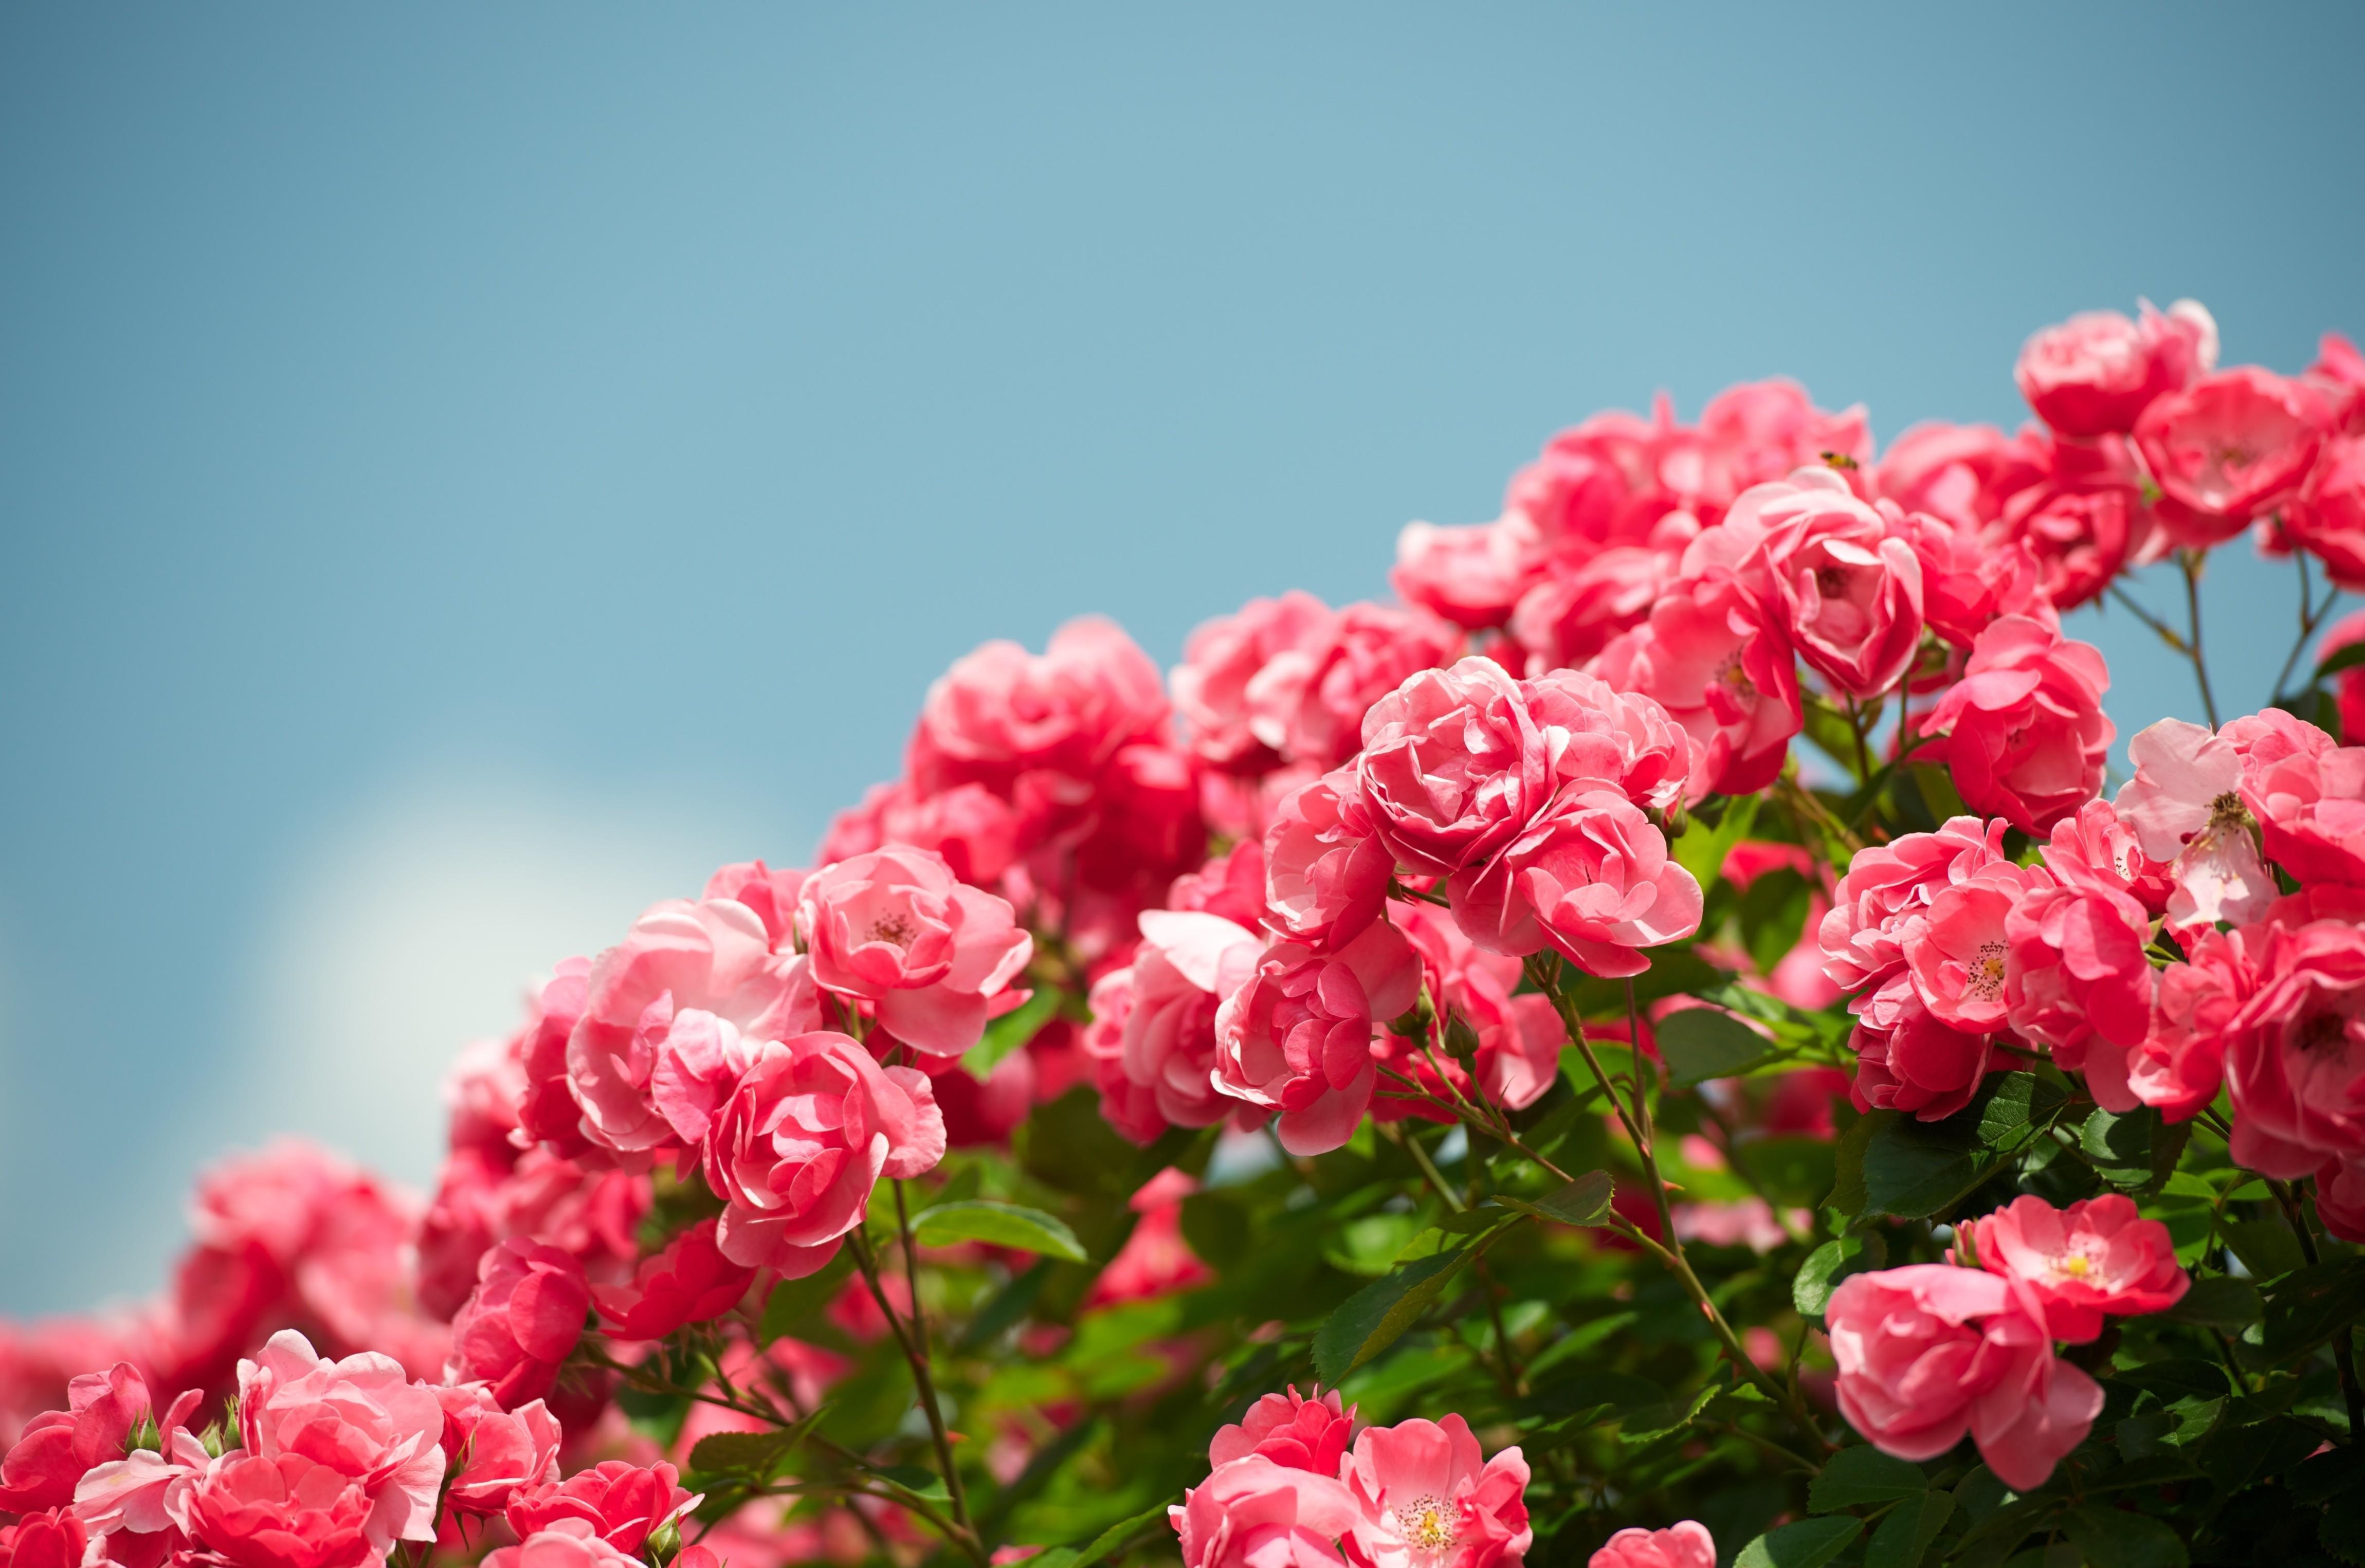 Tổng hợp hình nền hoa hồng đẹp cho máy tính